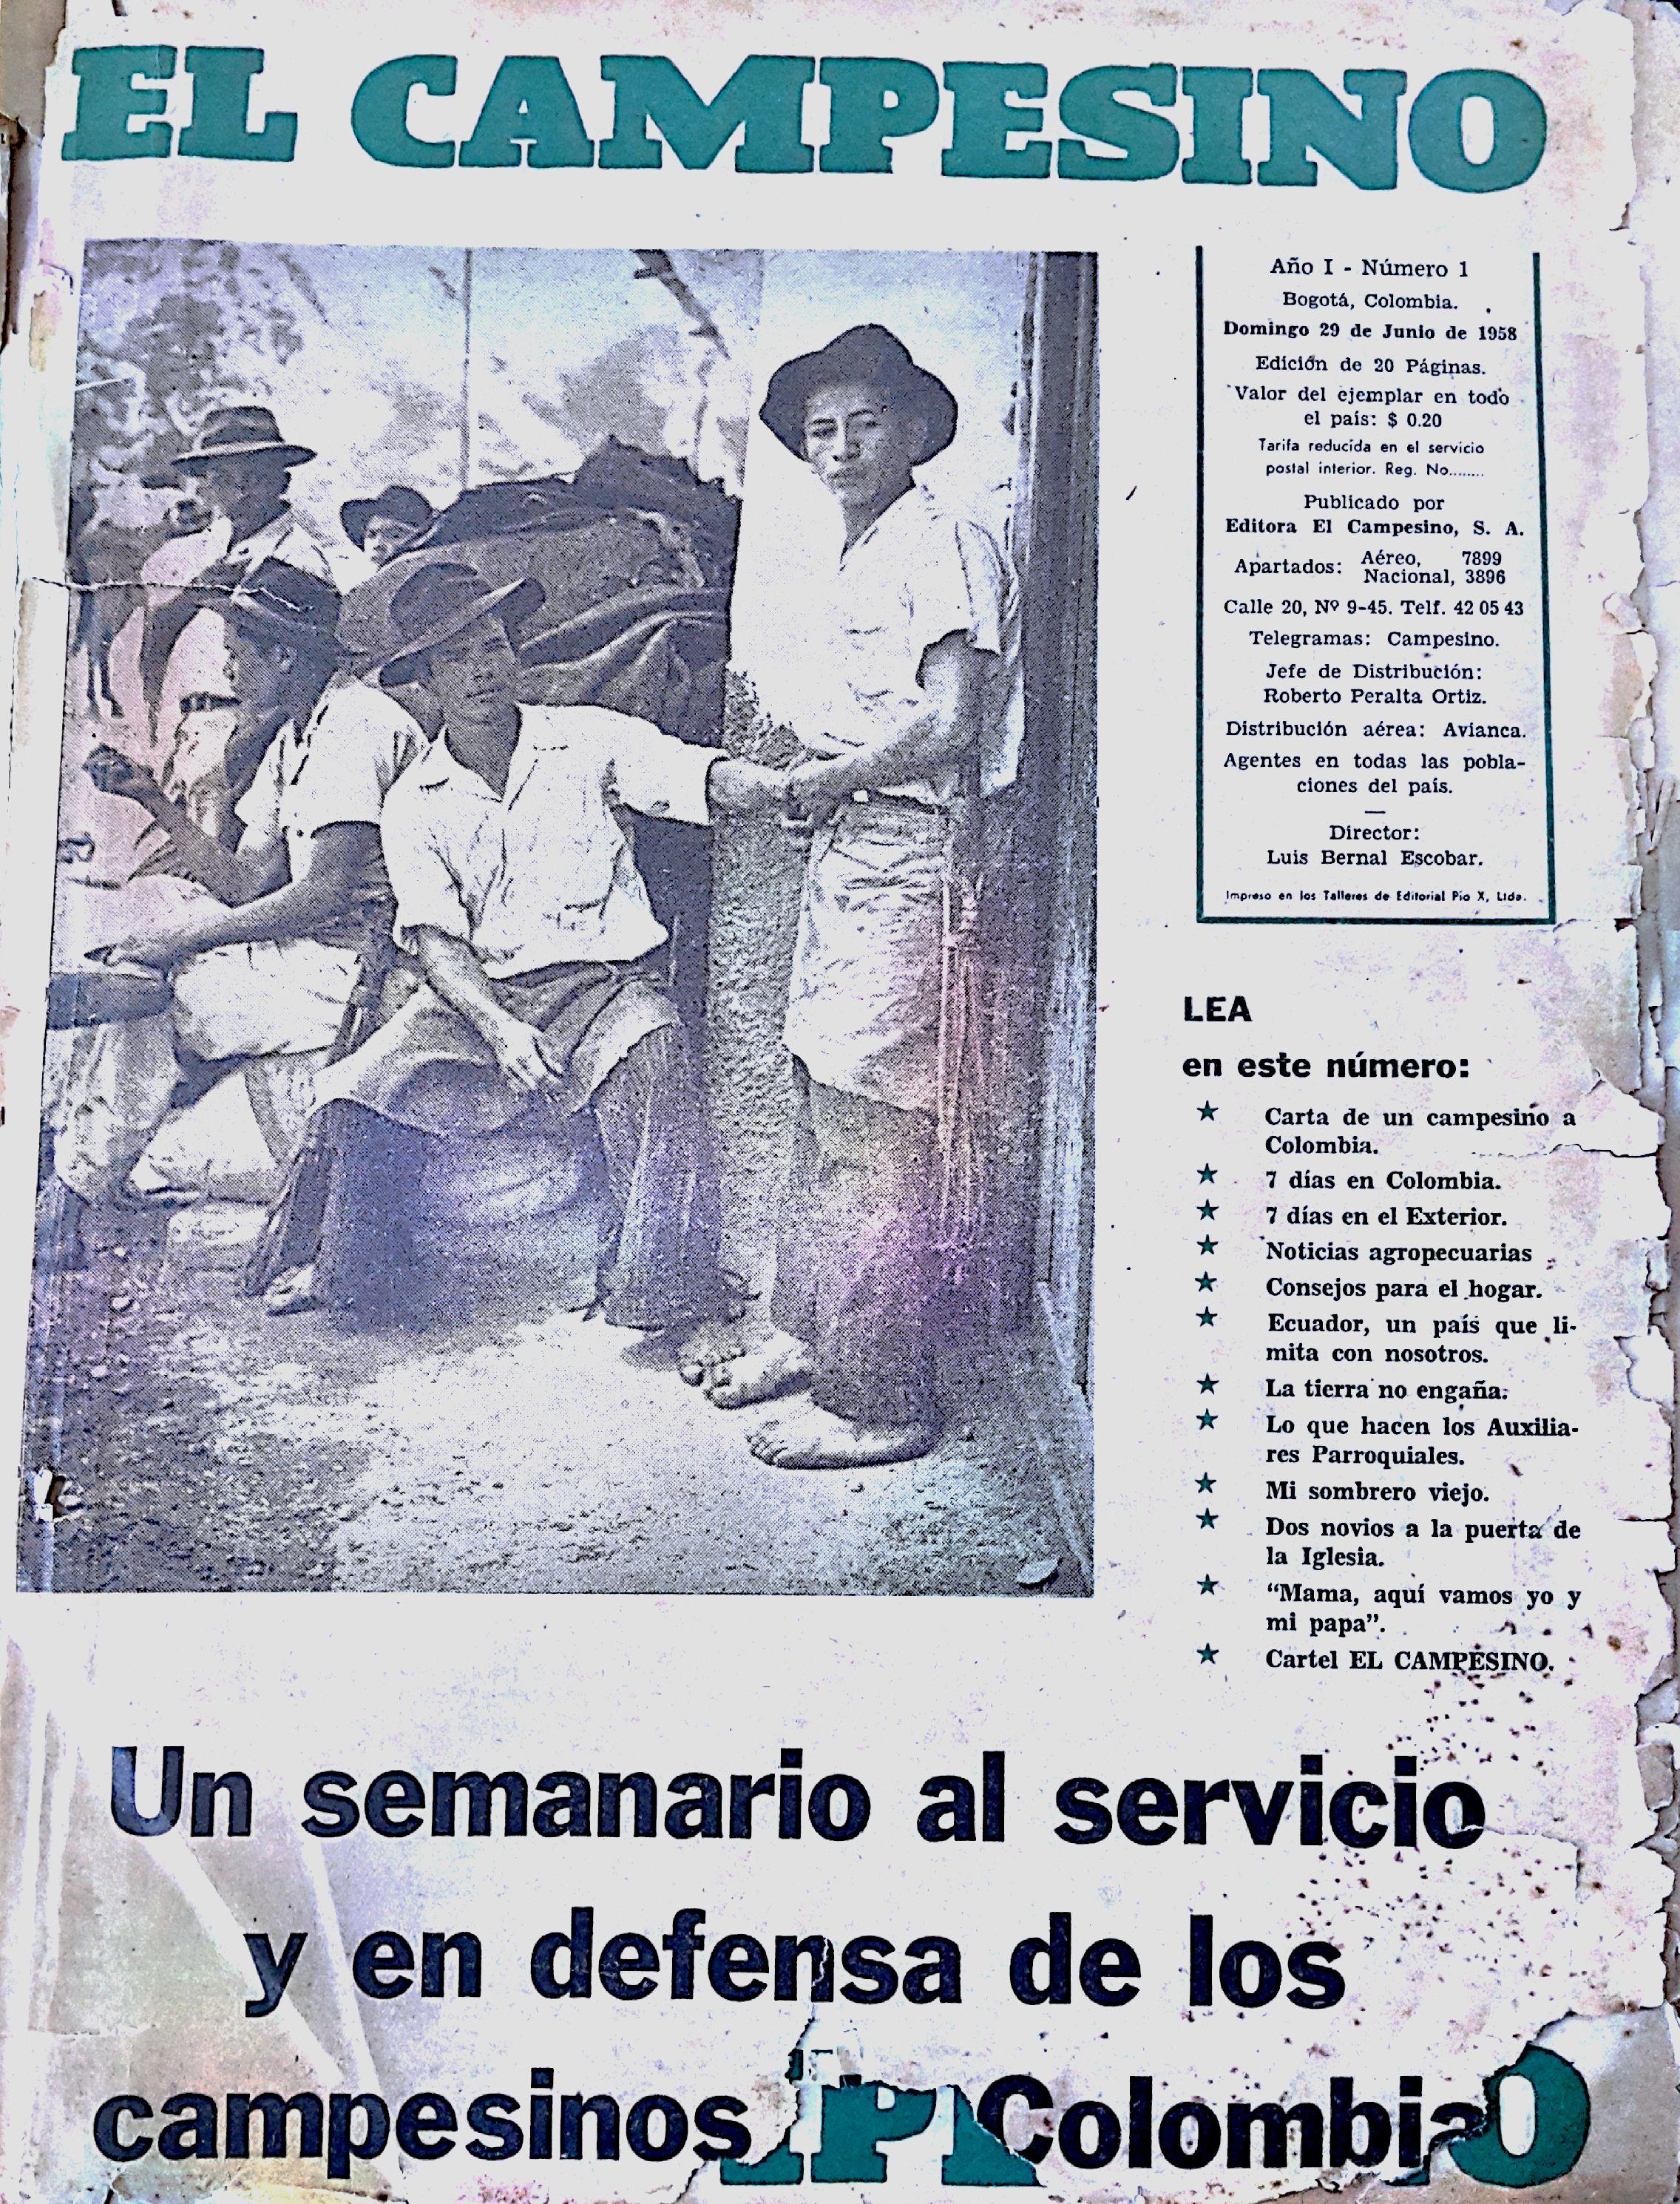 El Campesino,1958